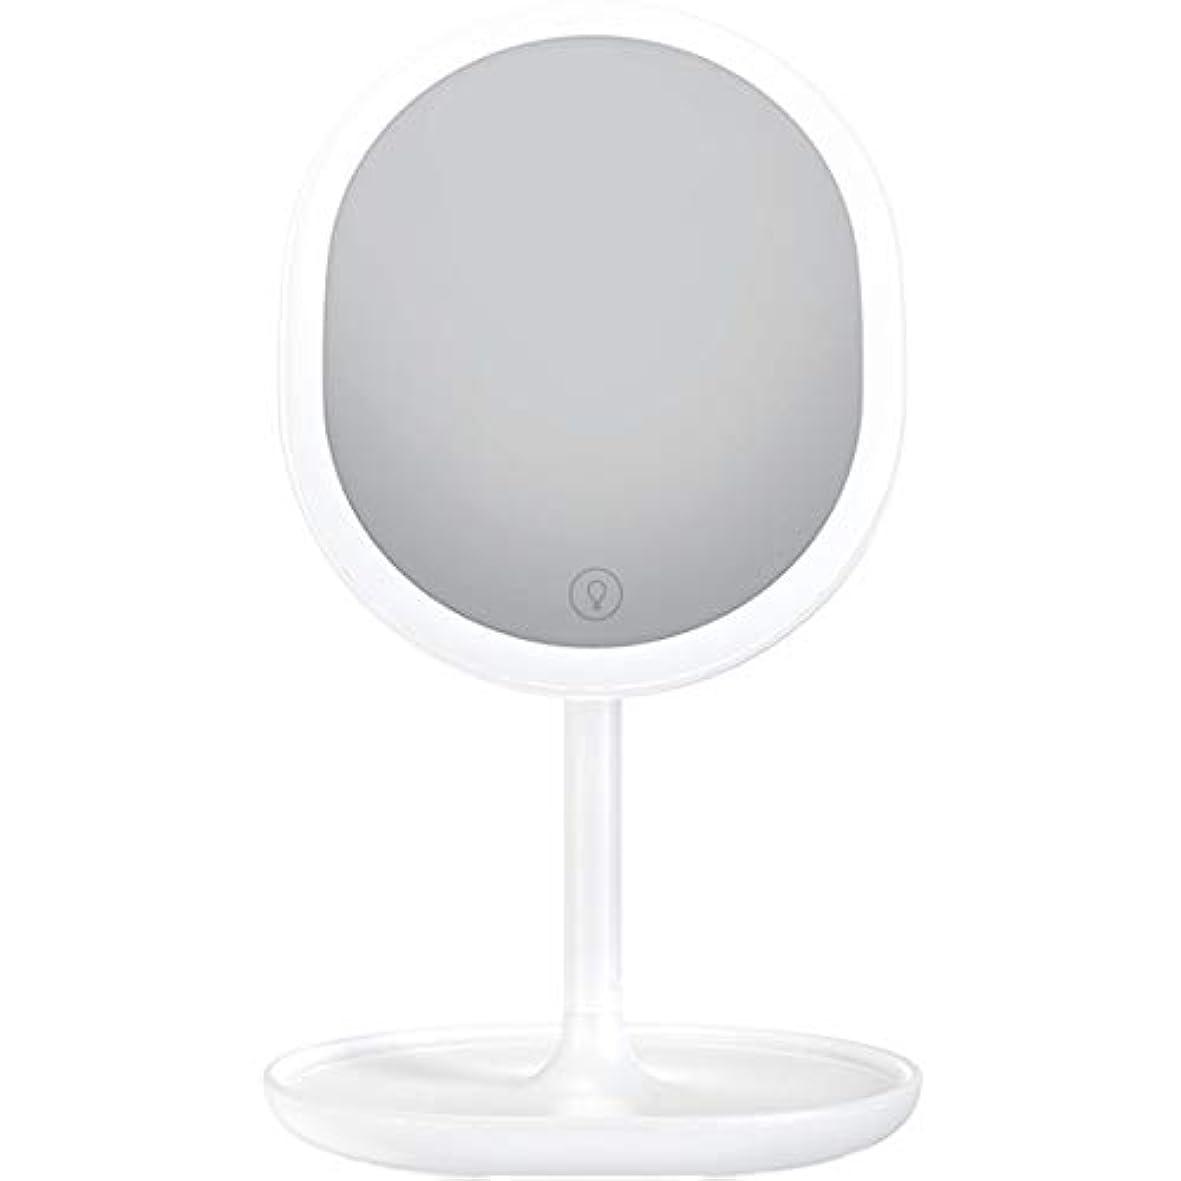 静けさ日記ピクニック化粧鏡 LED卓上化粧鏡 充電式 led付き 5倍拡大鏡付き 明るさ調節可能 等倍鏡 5倍拡大鏡 メイクミラー 180度回転式 1個入り (ホワイト)